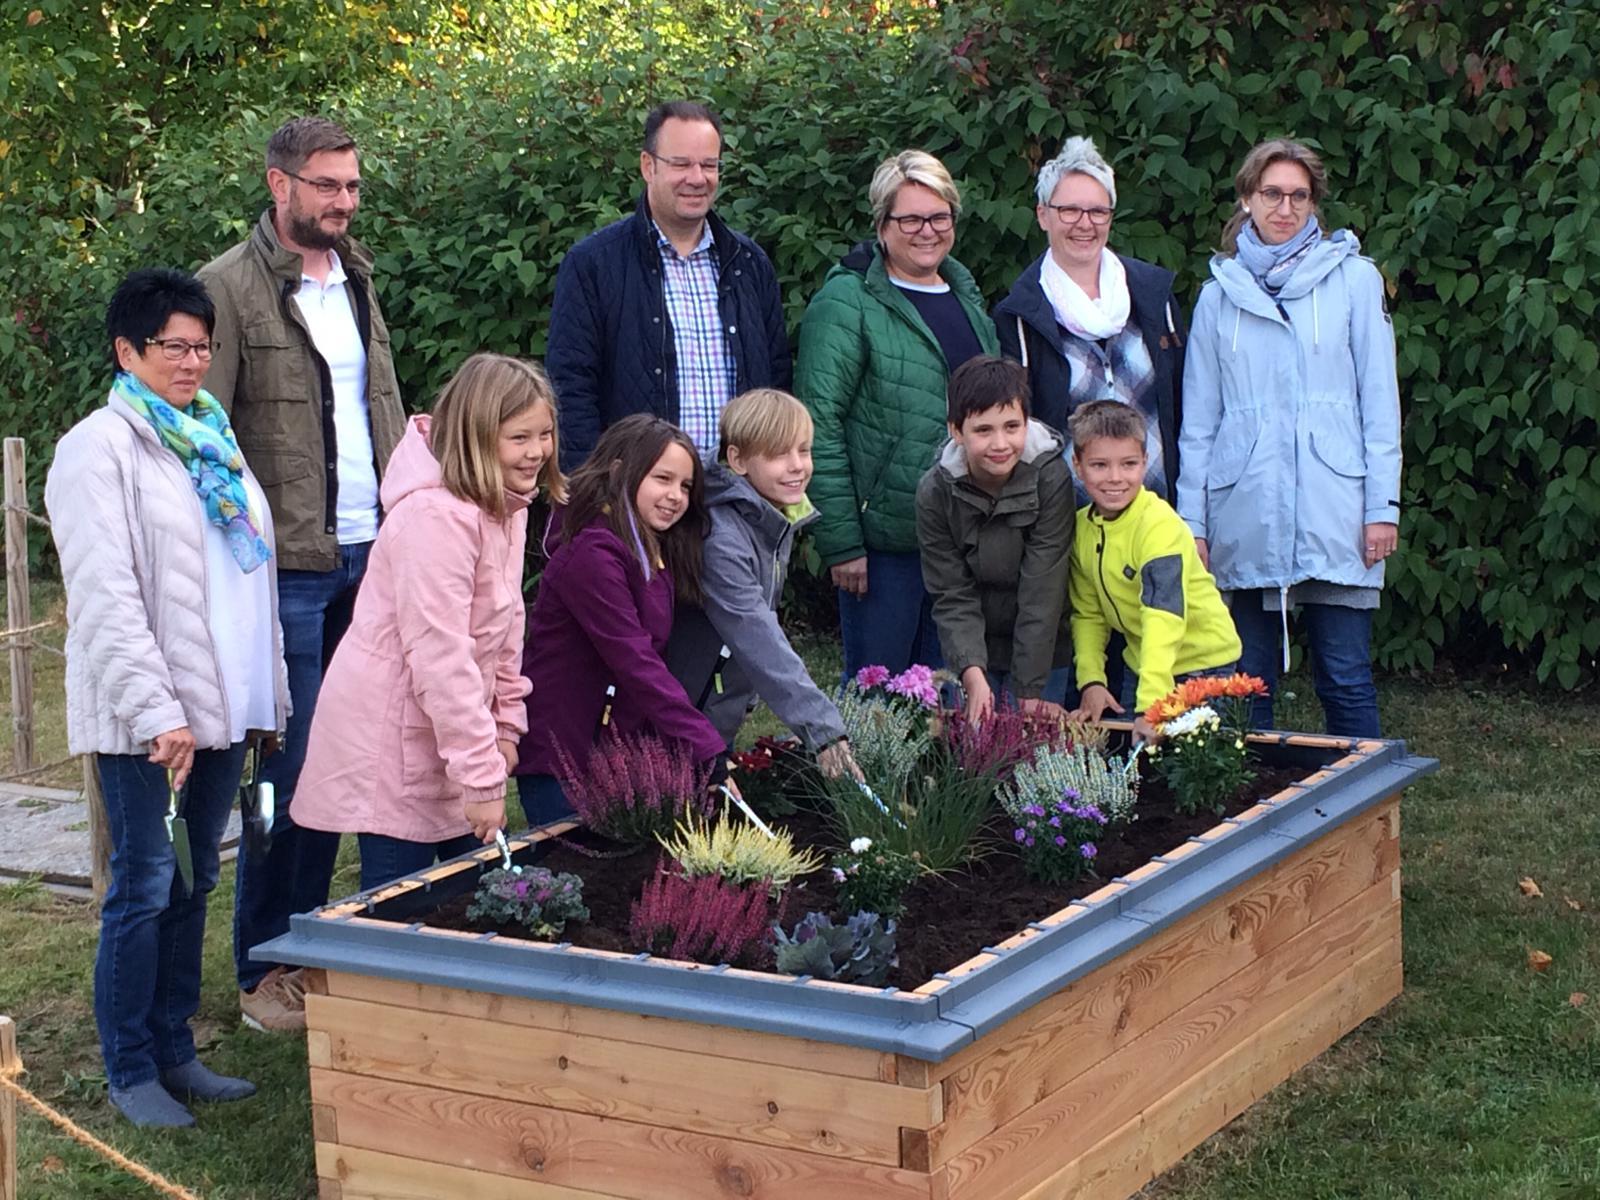 Die Übergabe des PflanzenWelten-Hochbeetes an die Astrid-Lindgren-Schule in Northeim (Foto Schule)